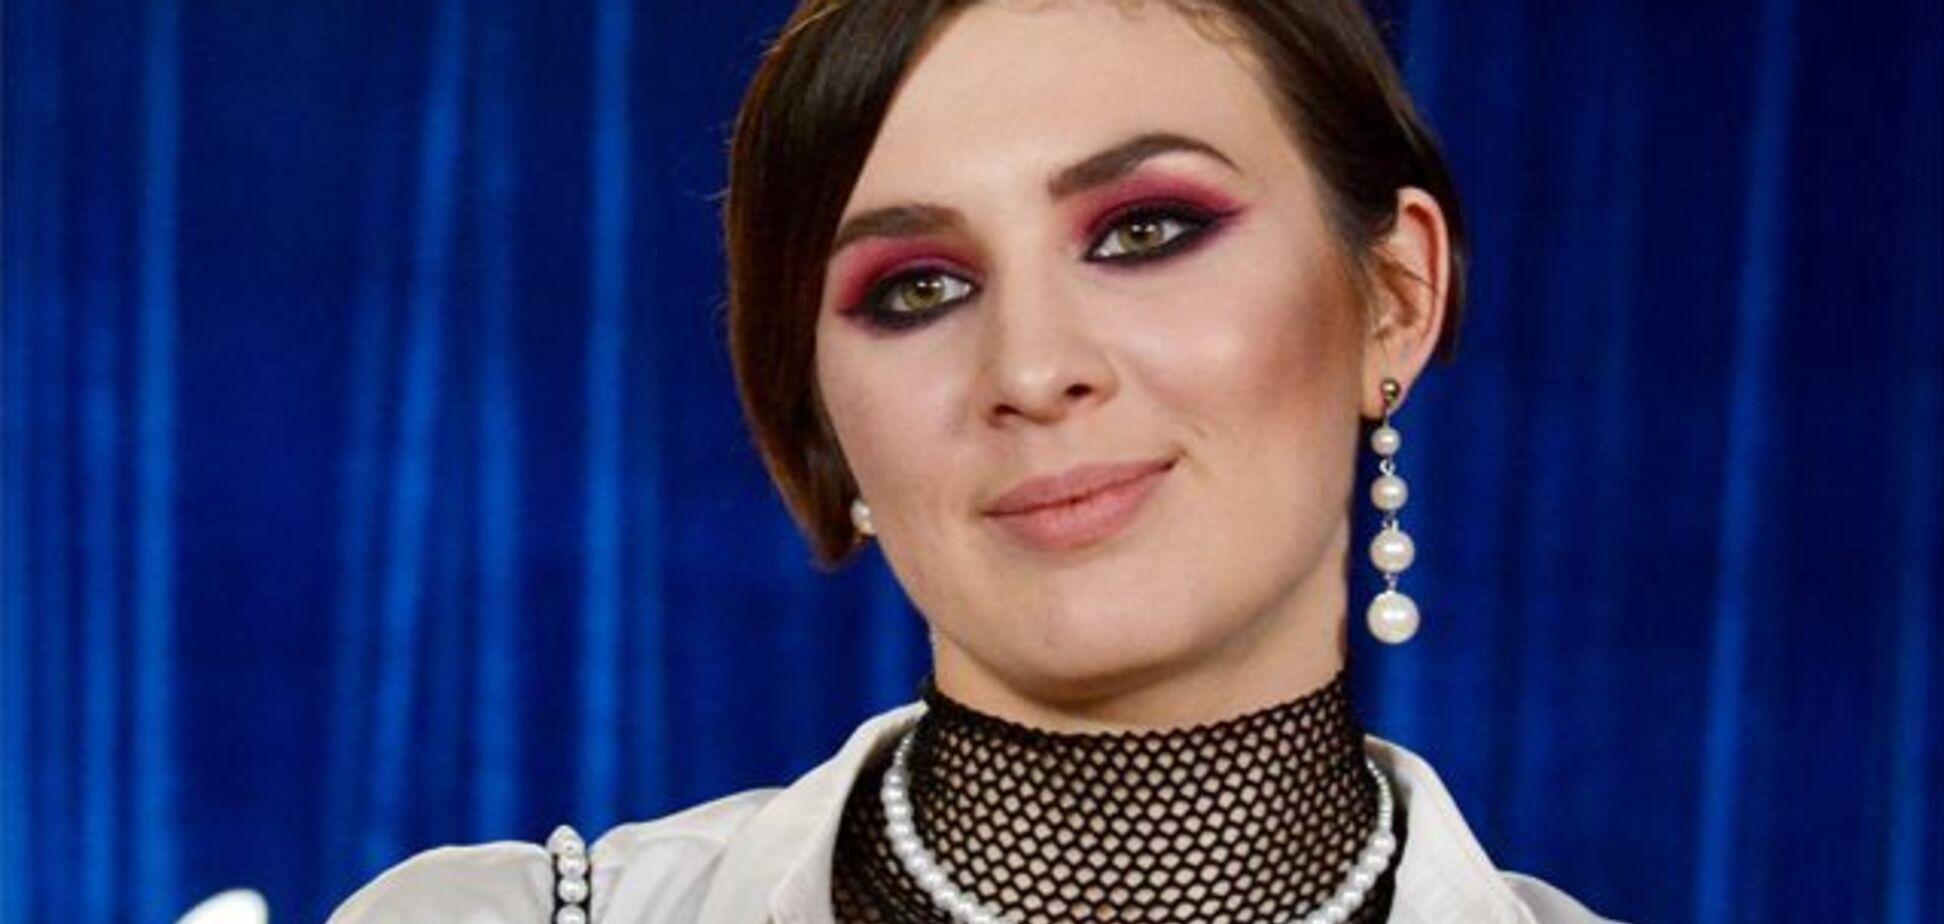 MARUV уехала в Россию в день выборов в Украине